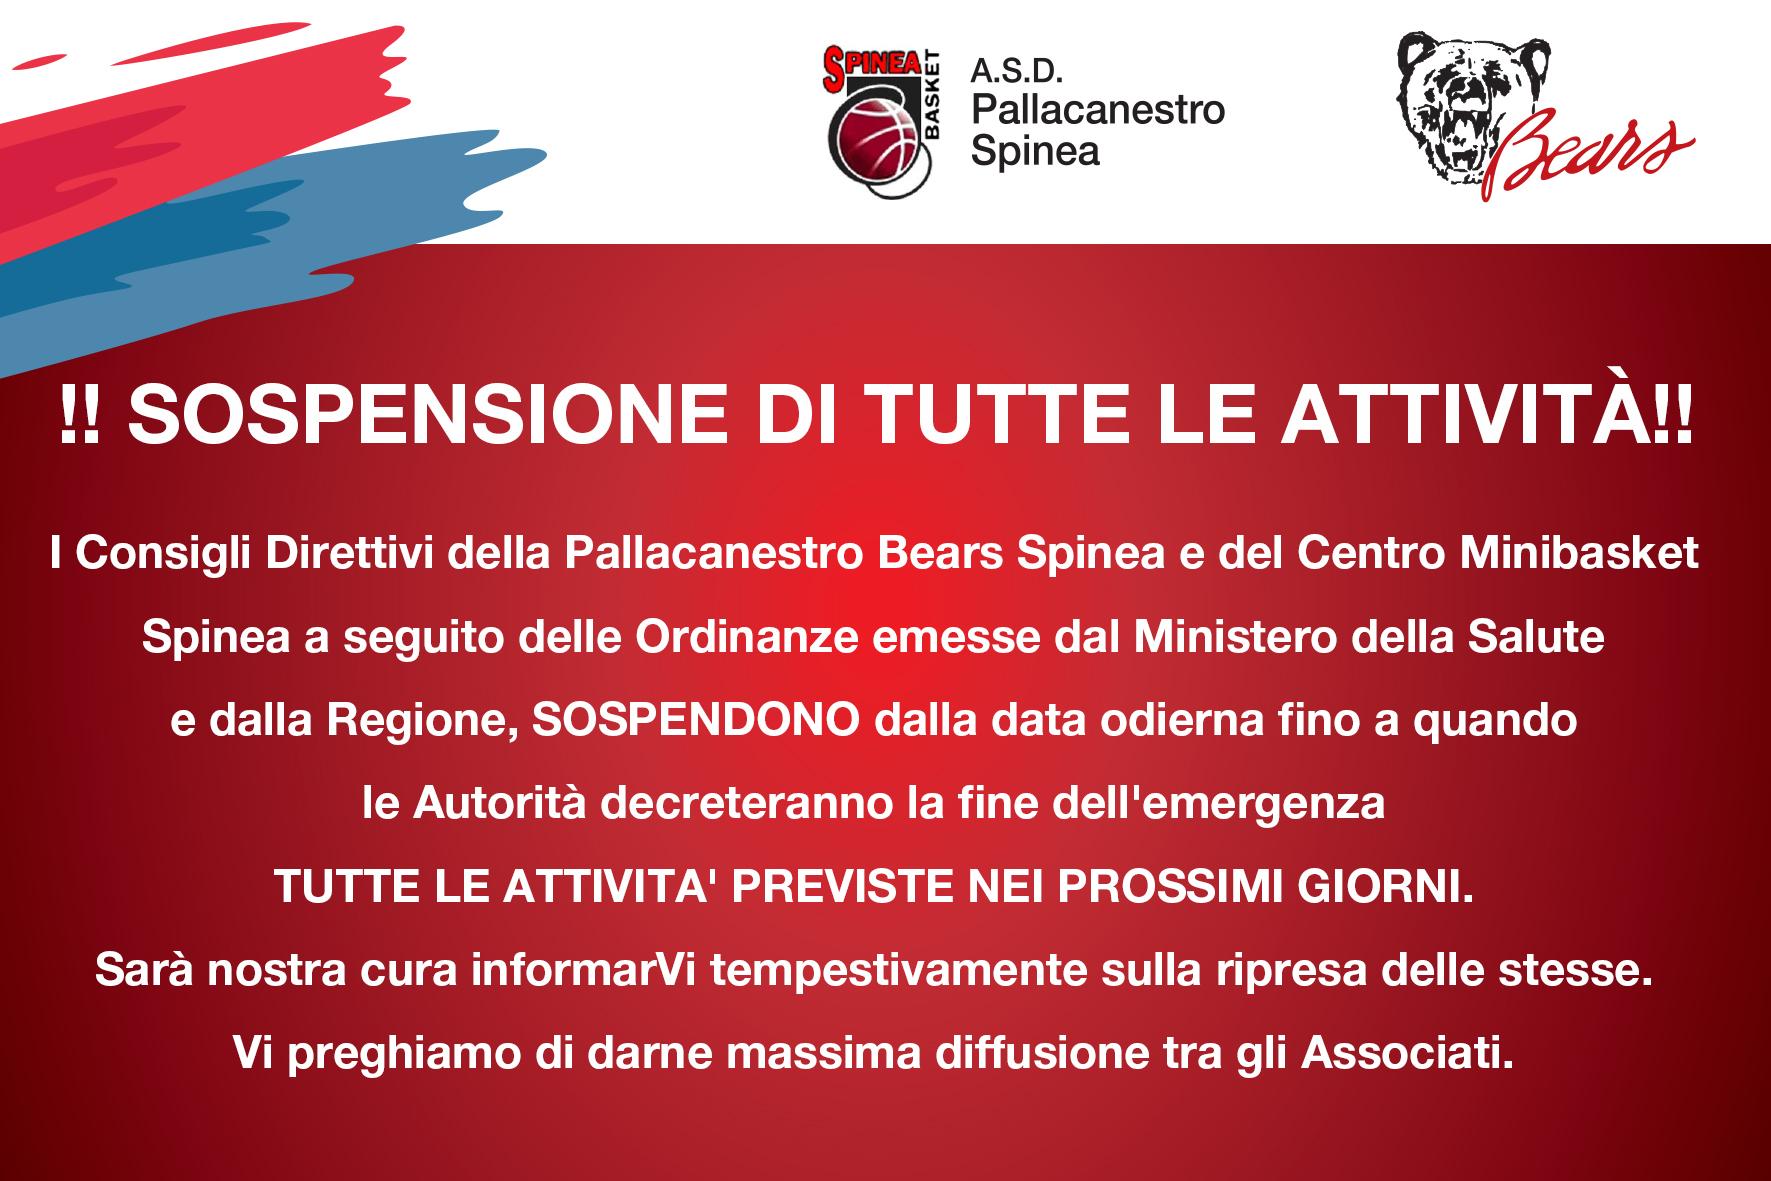 http://www.asdpallacanestrospinea.it/demo/wp-content/uploads/2020/03/BASKET_SPINEA_sospenzione_attività_2.jpg